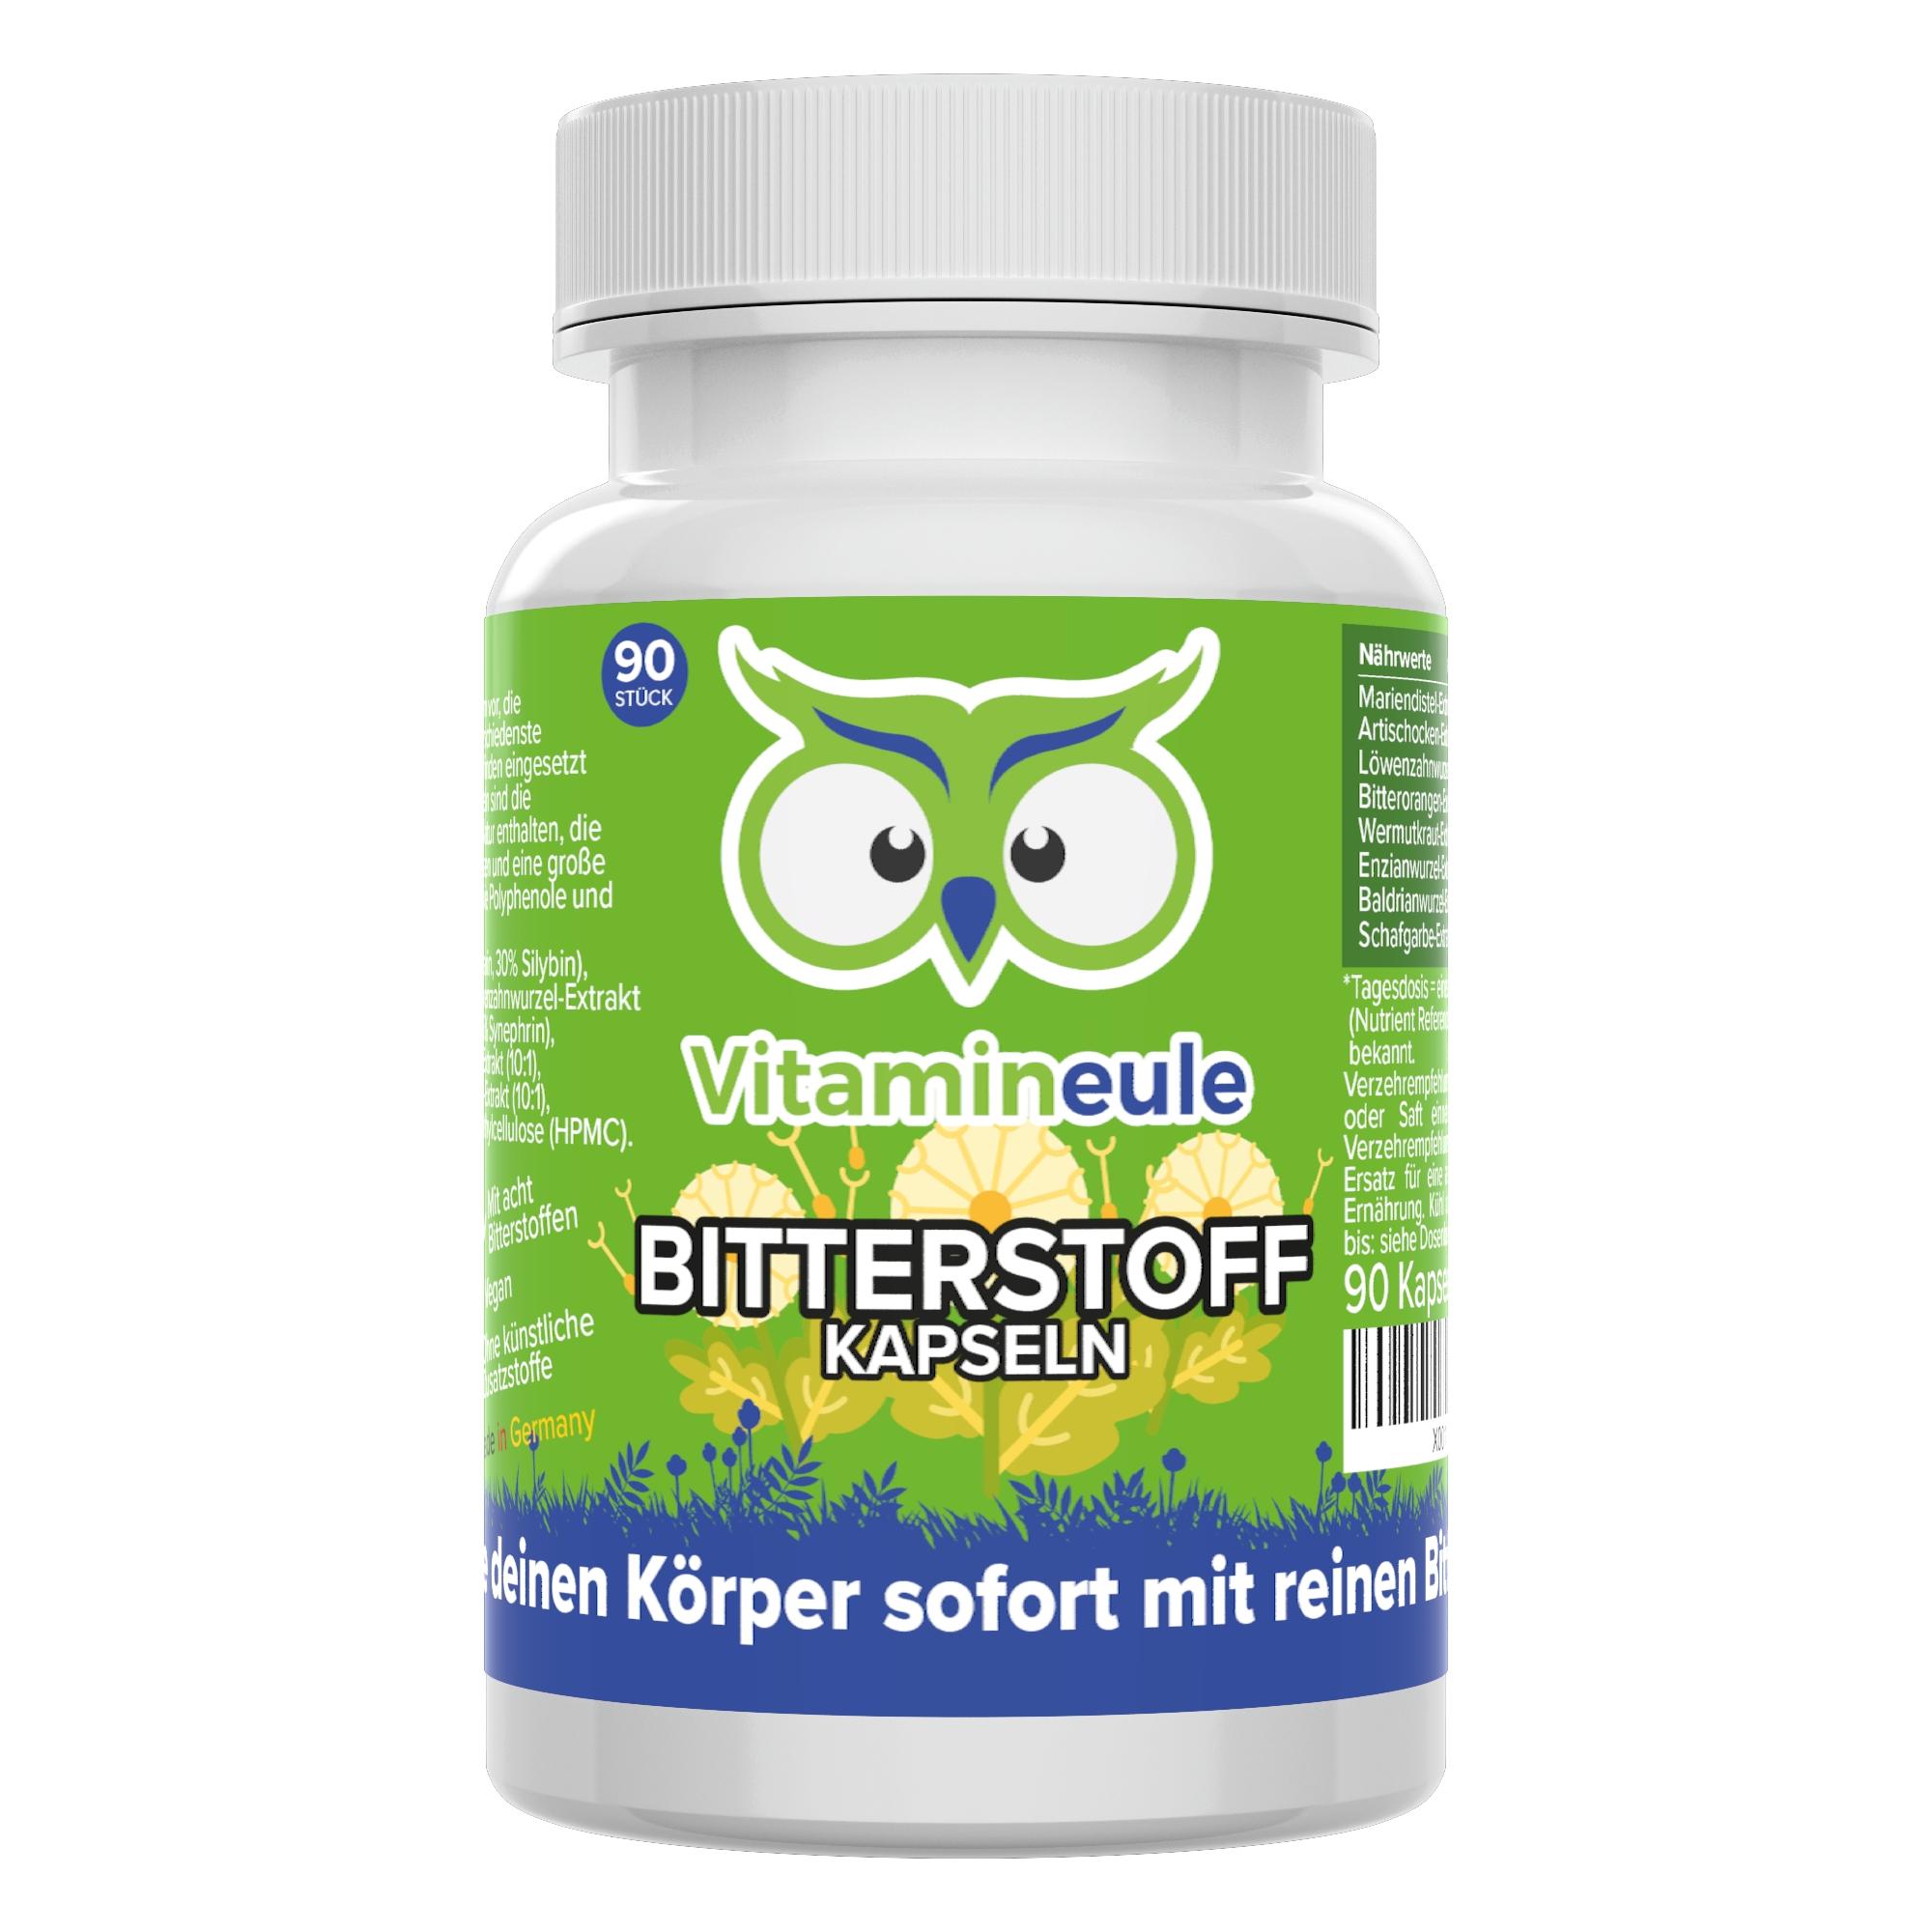 Bitterstoff Kapseln von Vitamineule